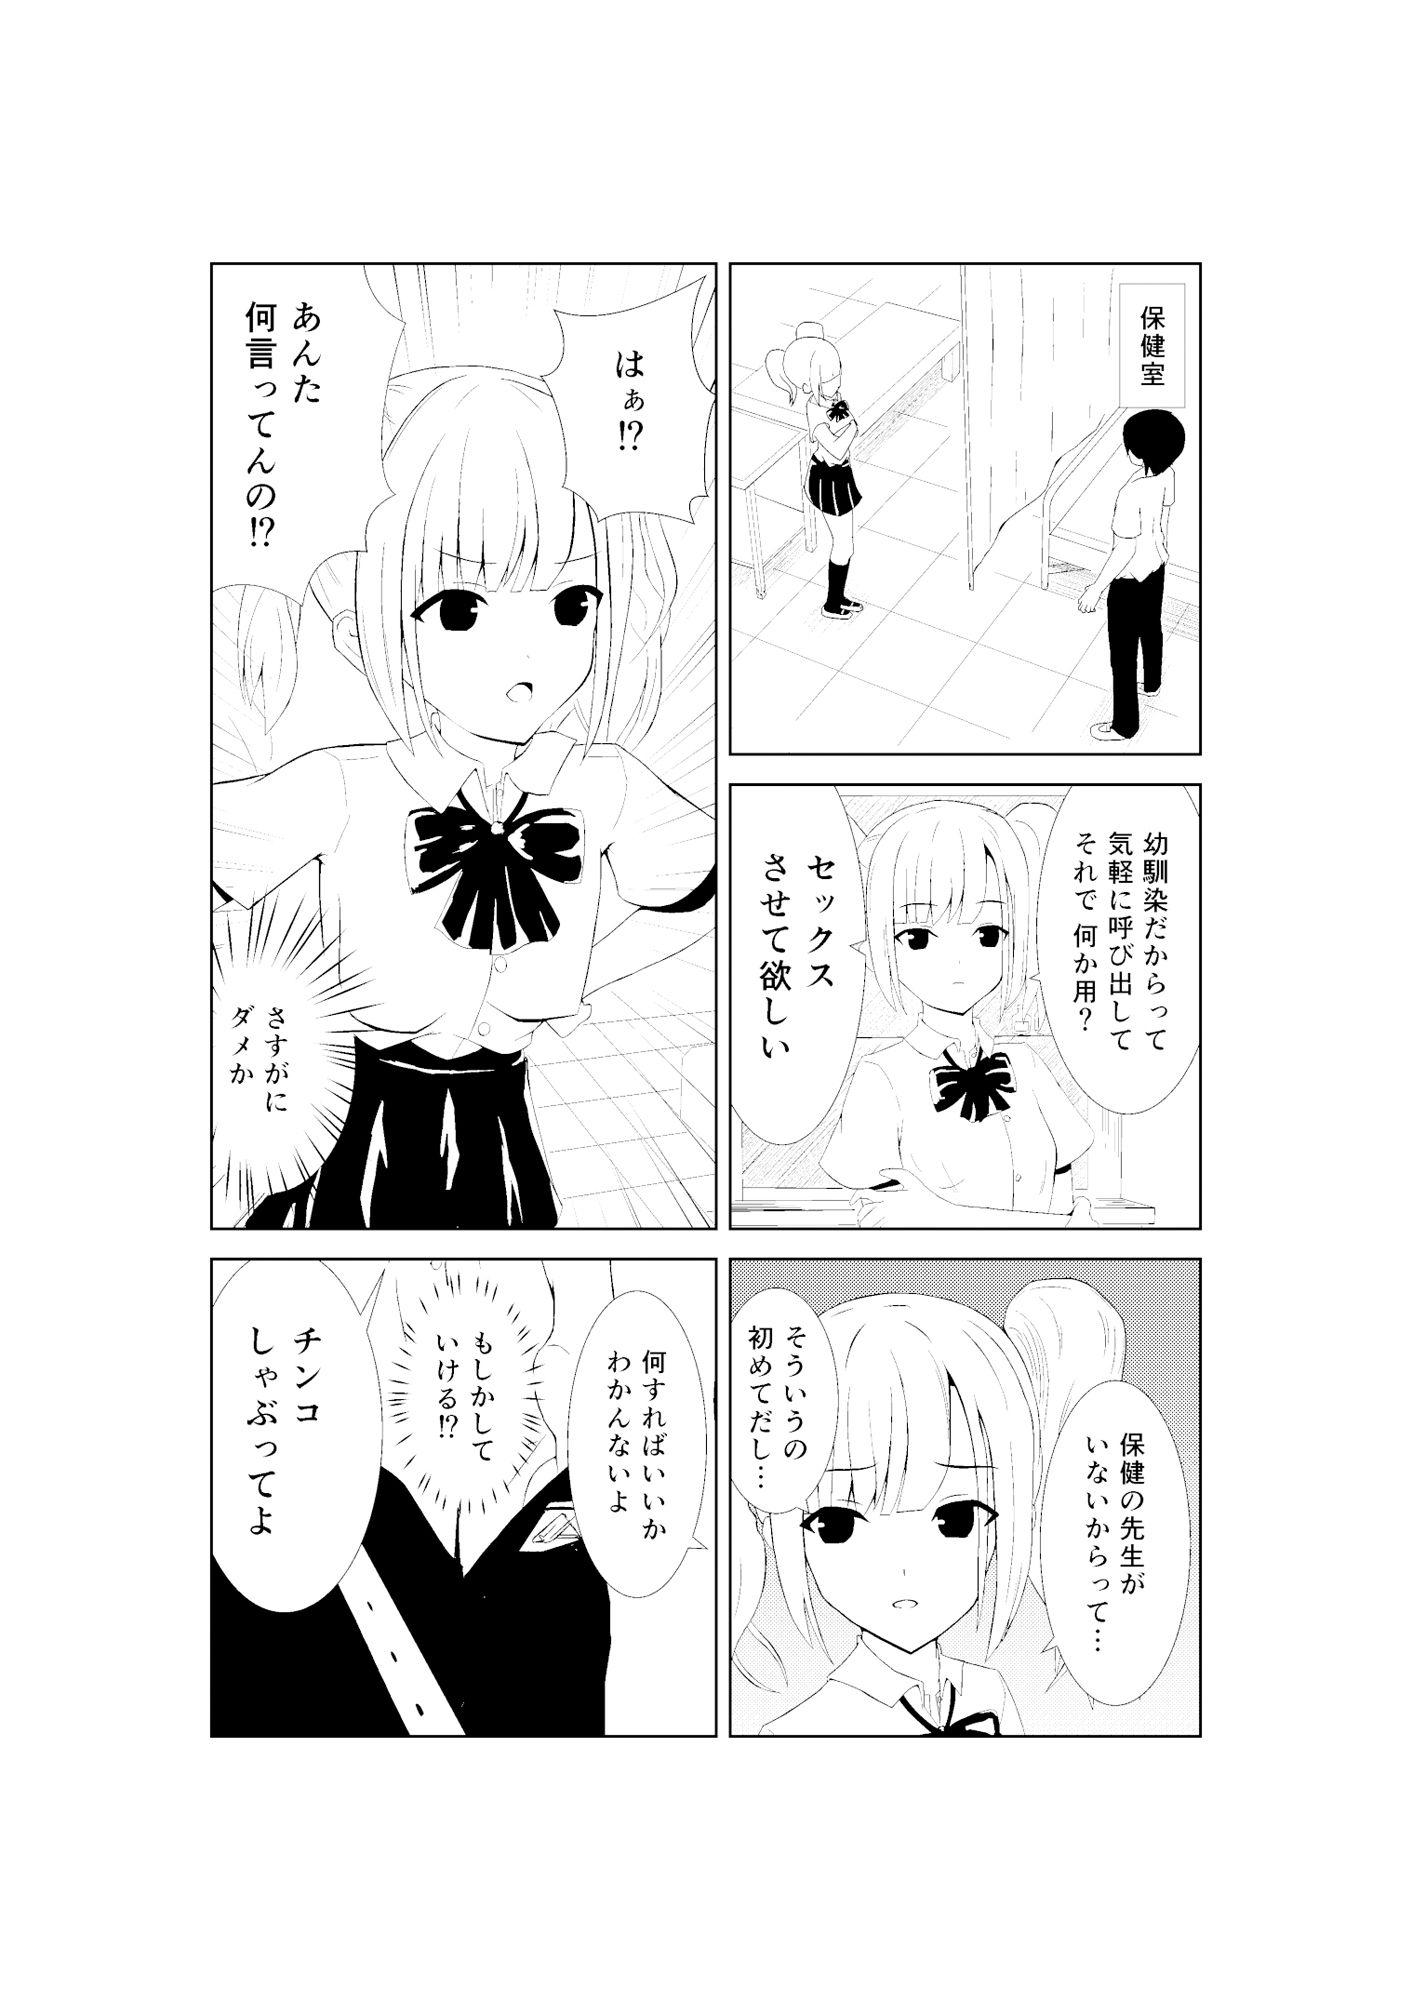 ぬくもりエッチ~ギャル幼馴染編~